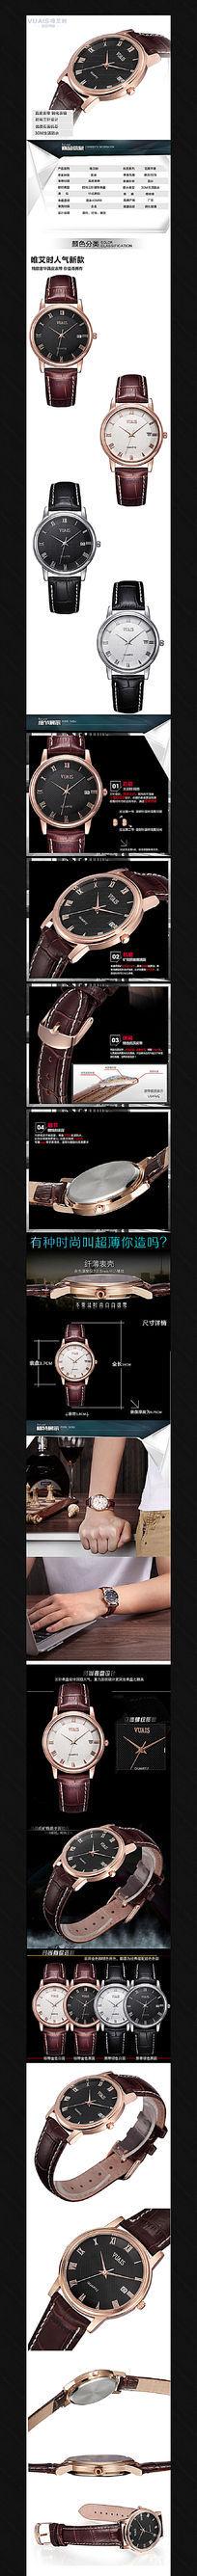 淘宝男士真皮手表详情页PSD设计